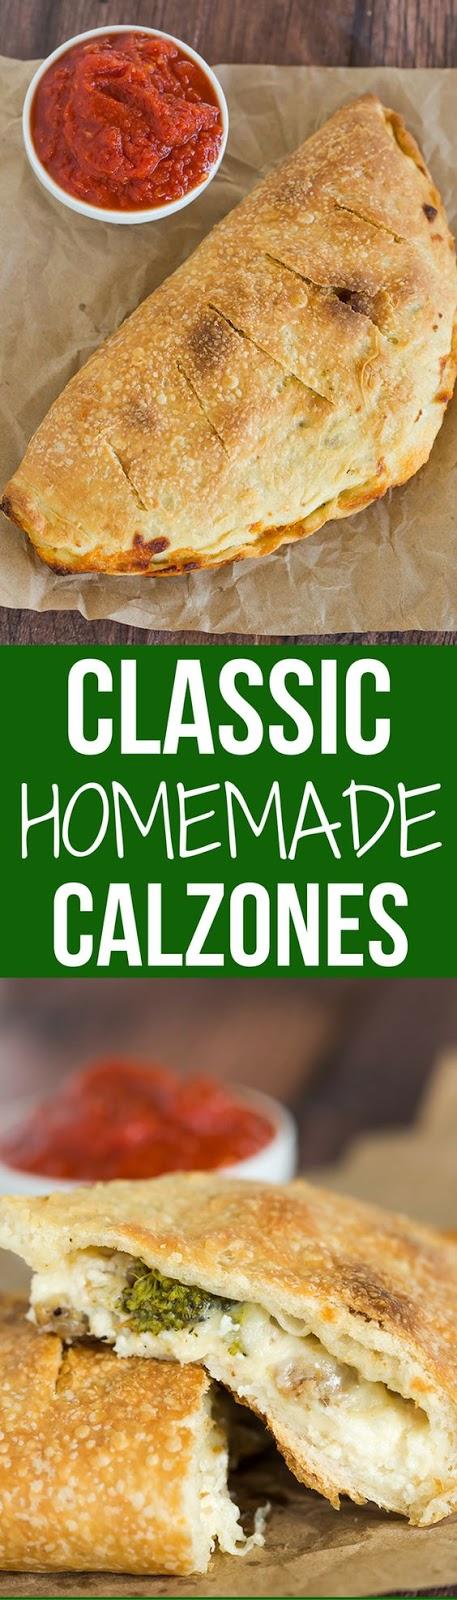 Classic Calzones